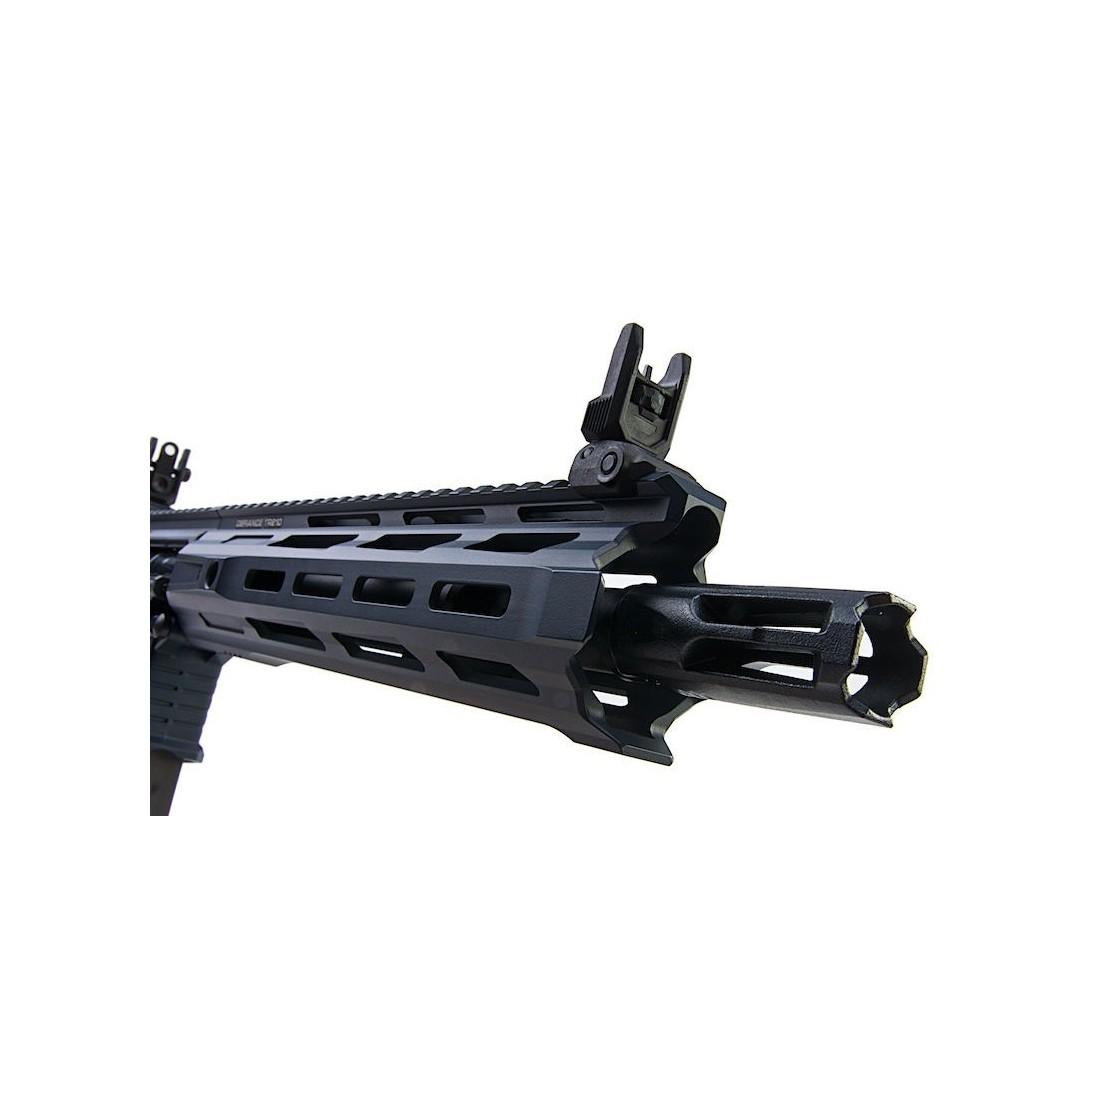 AEG Trident Mk2 CRB-M grey [Krytac]